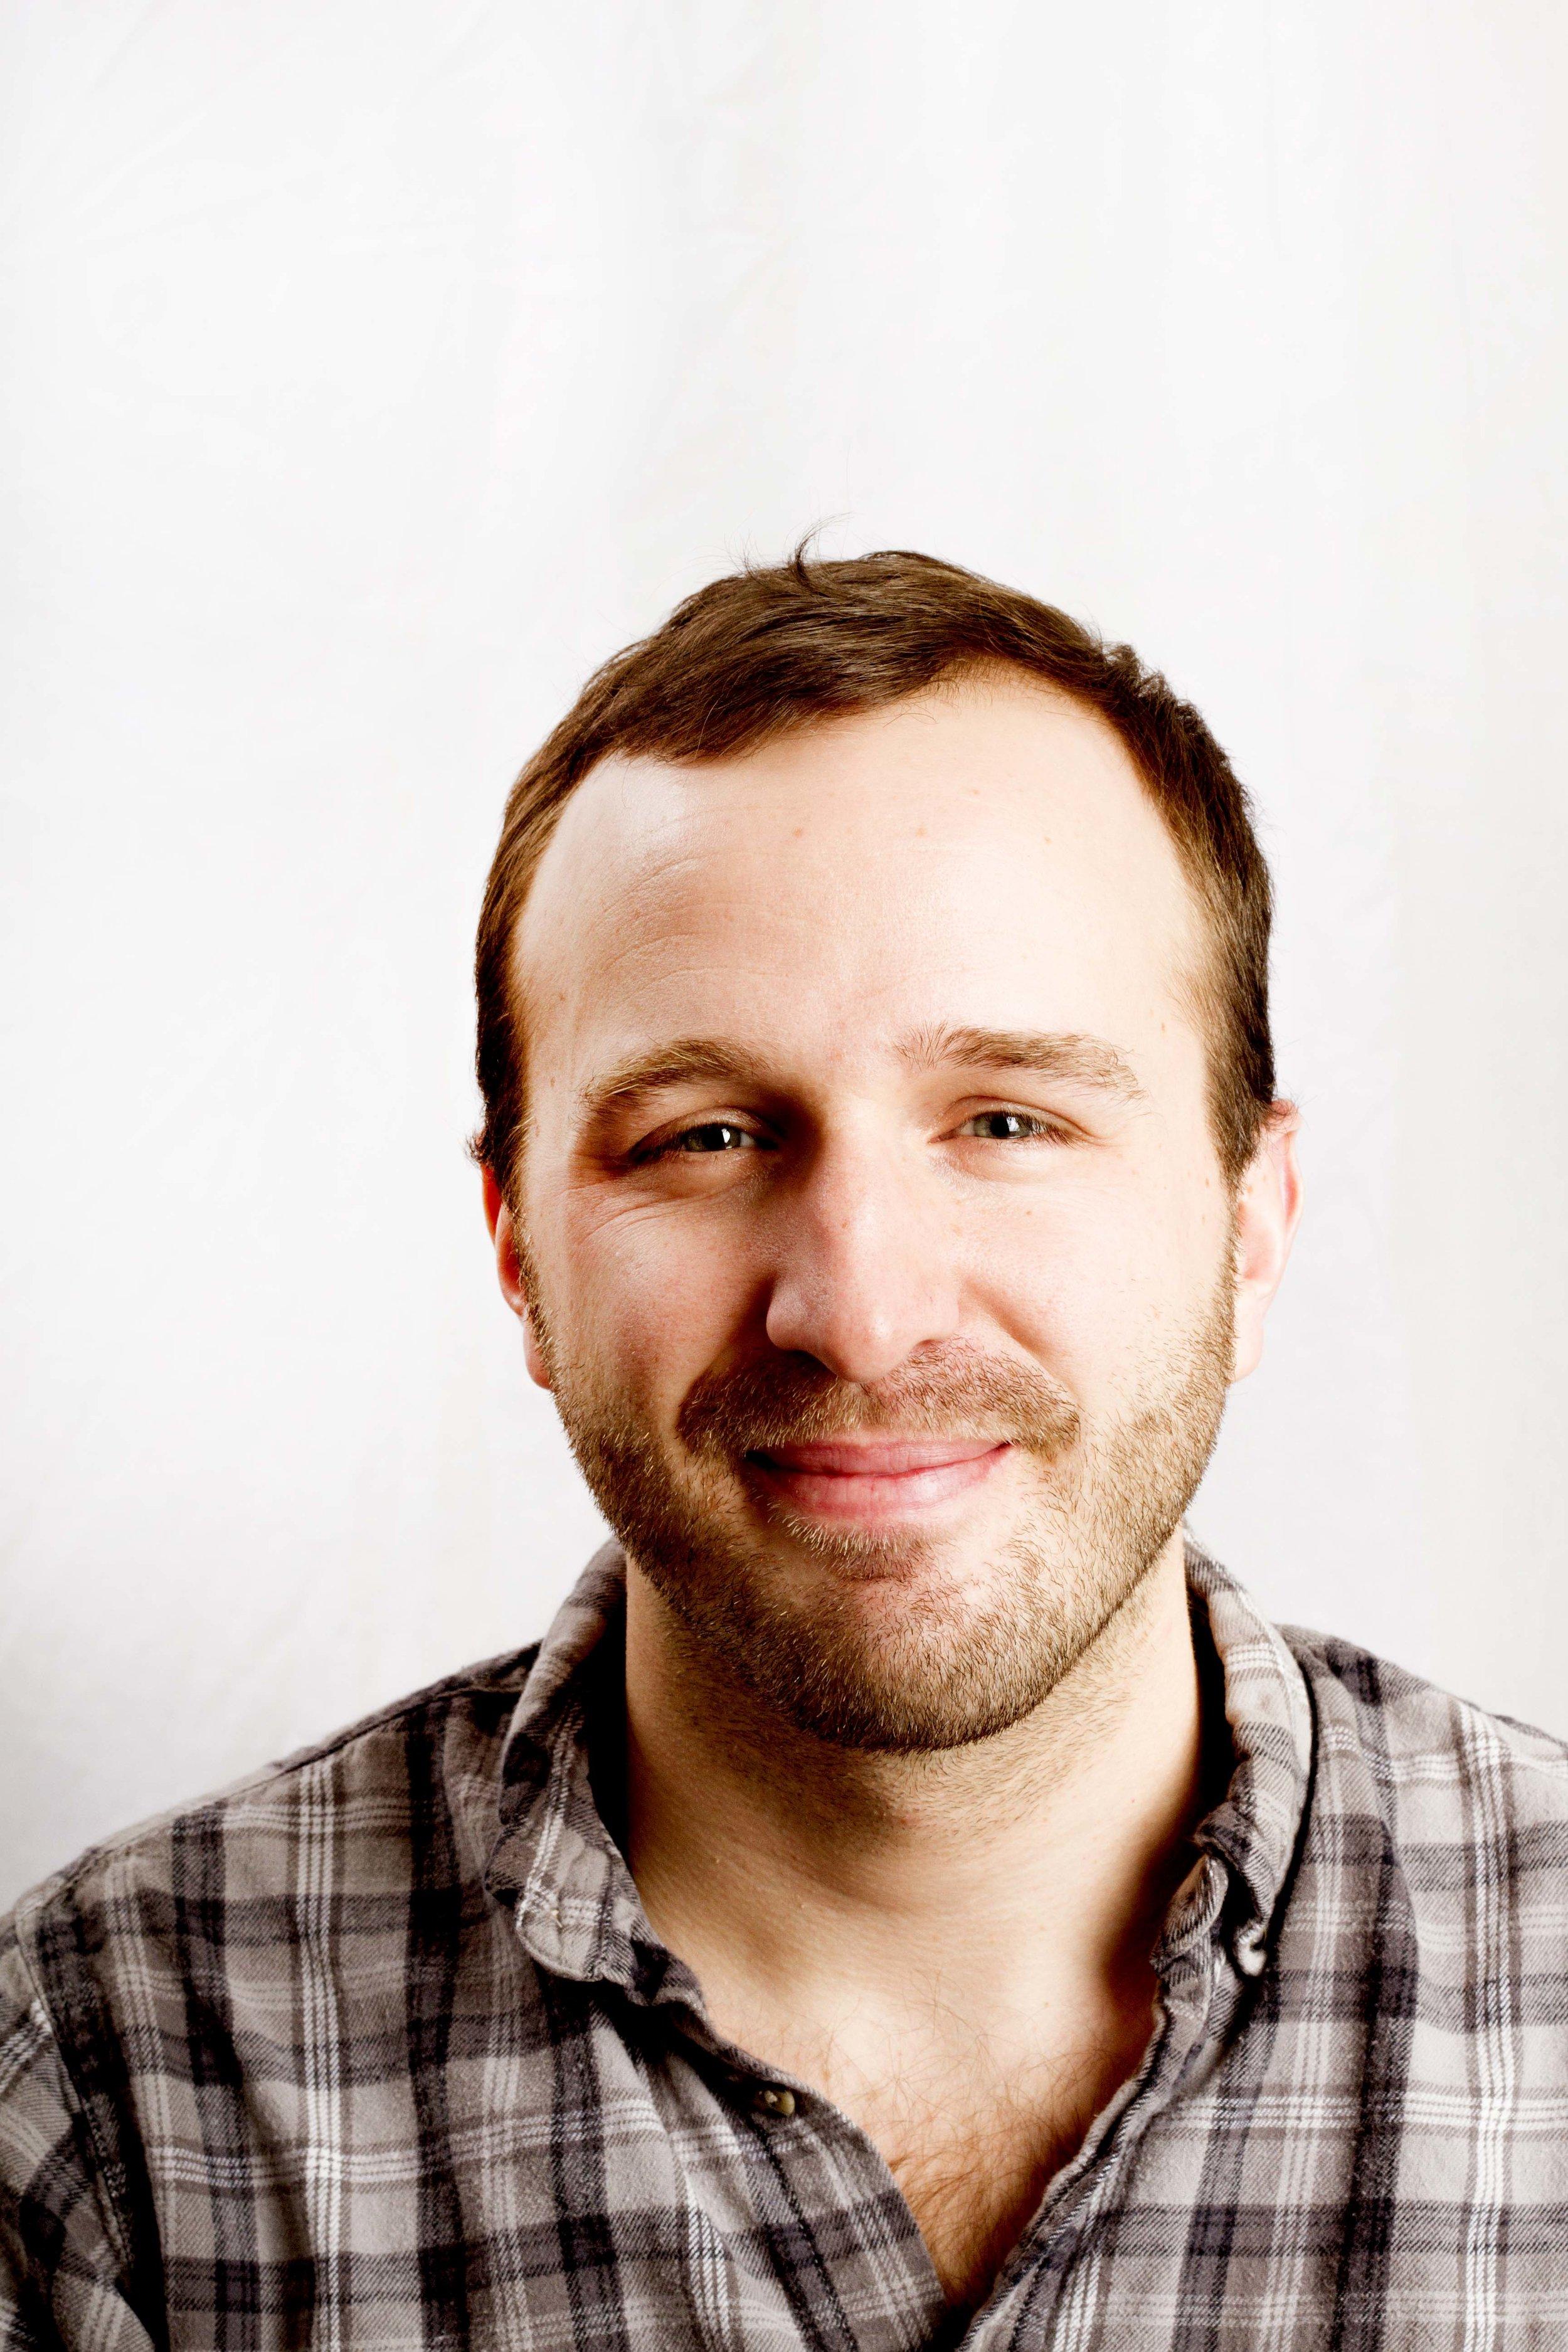 Paul Kruse, Playwright